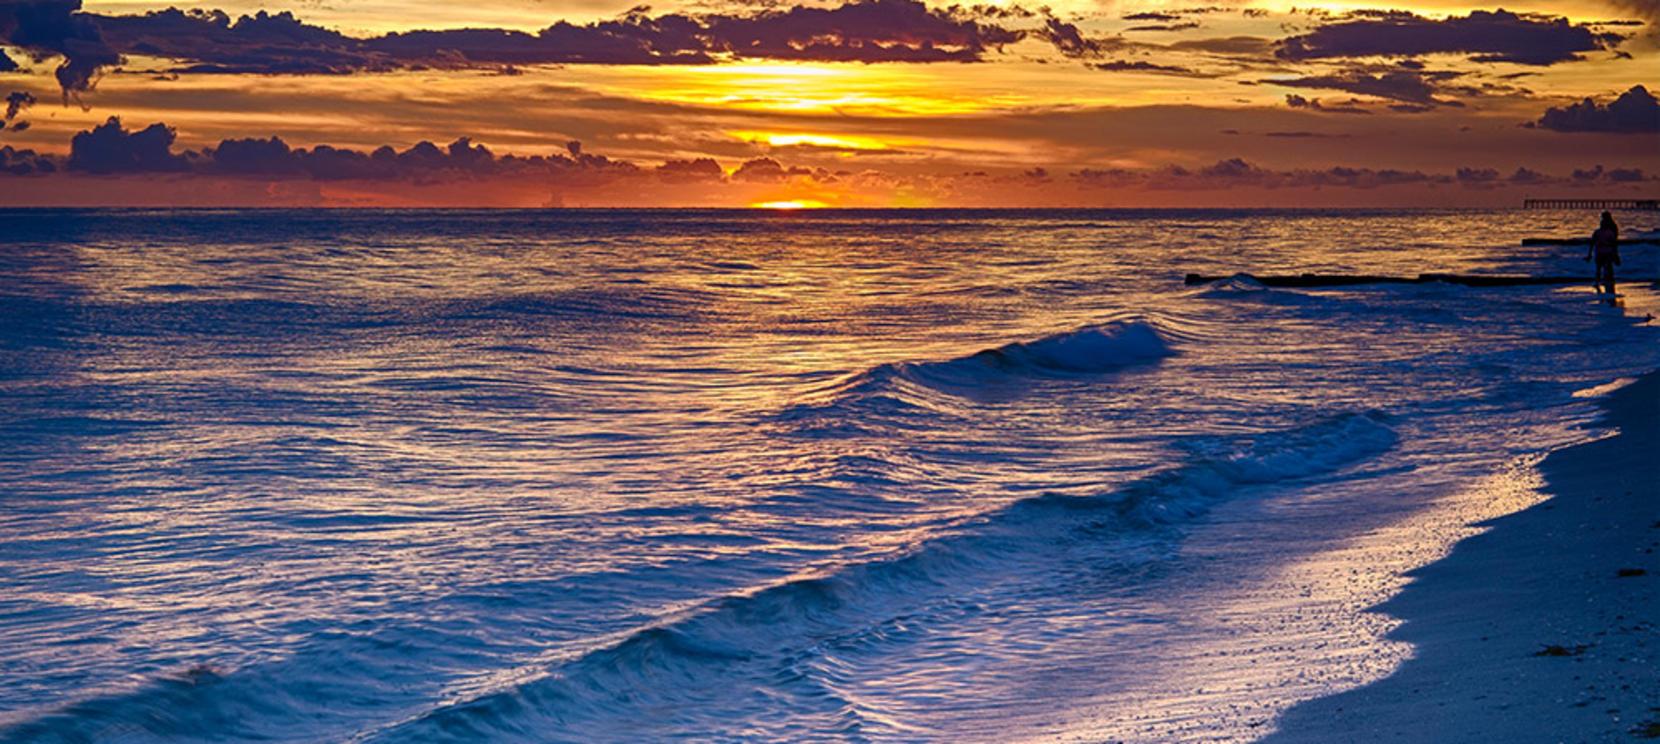 Sunset at Maderia Beach